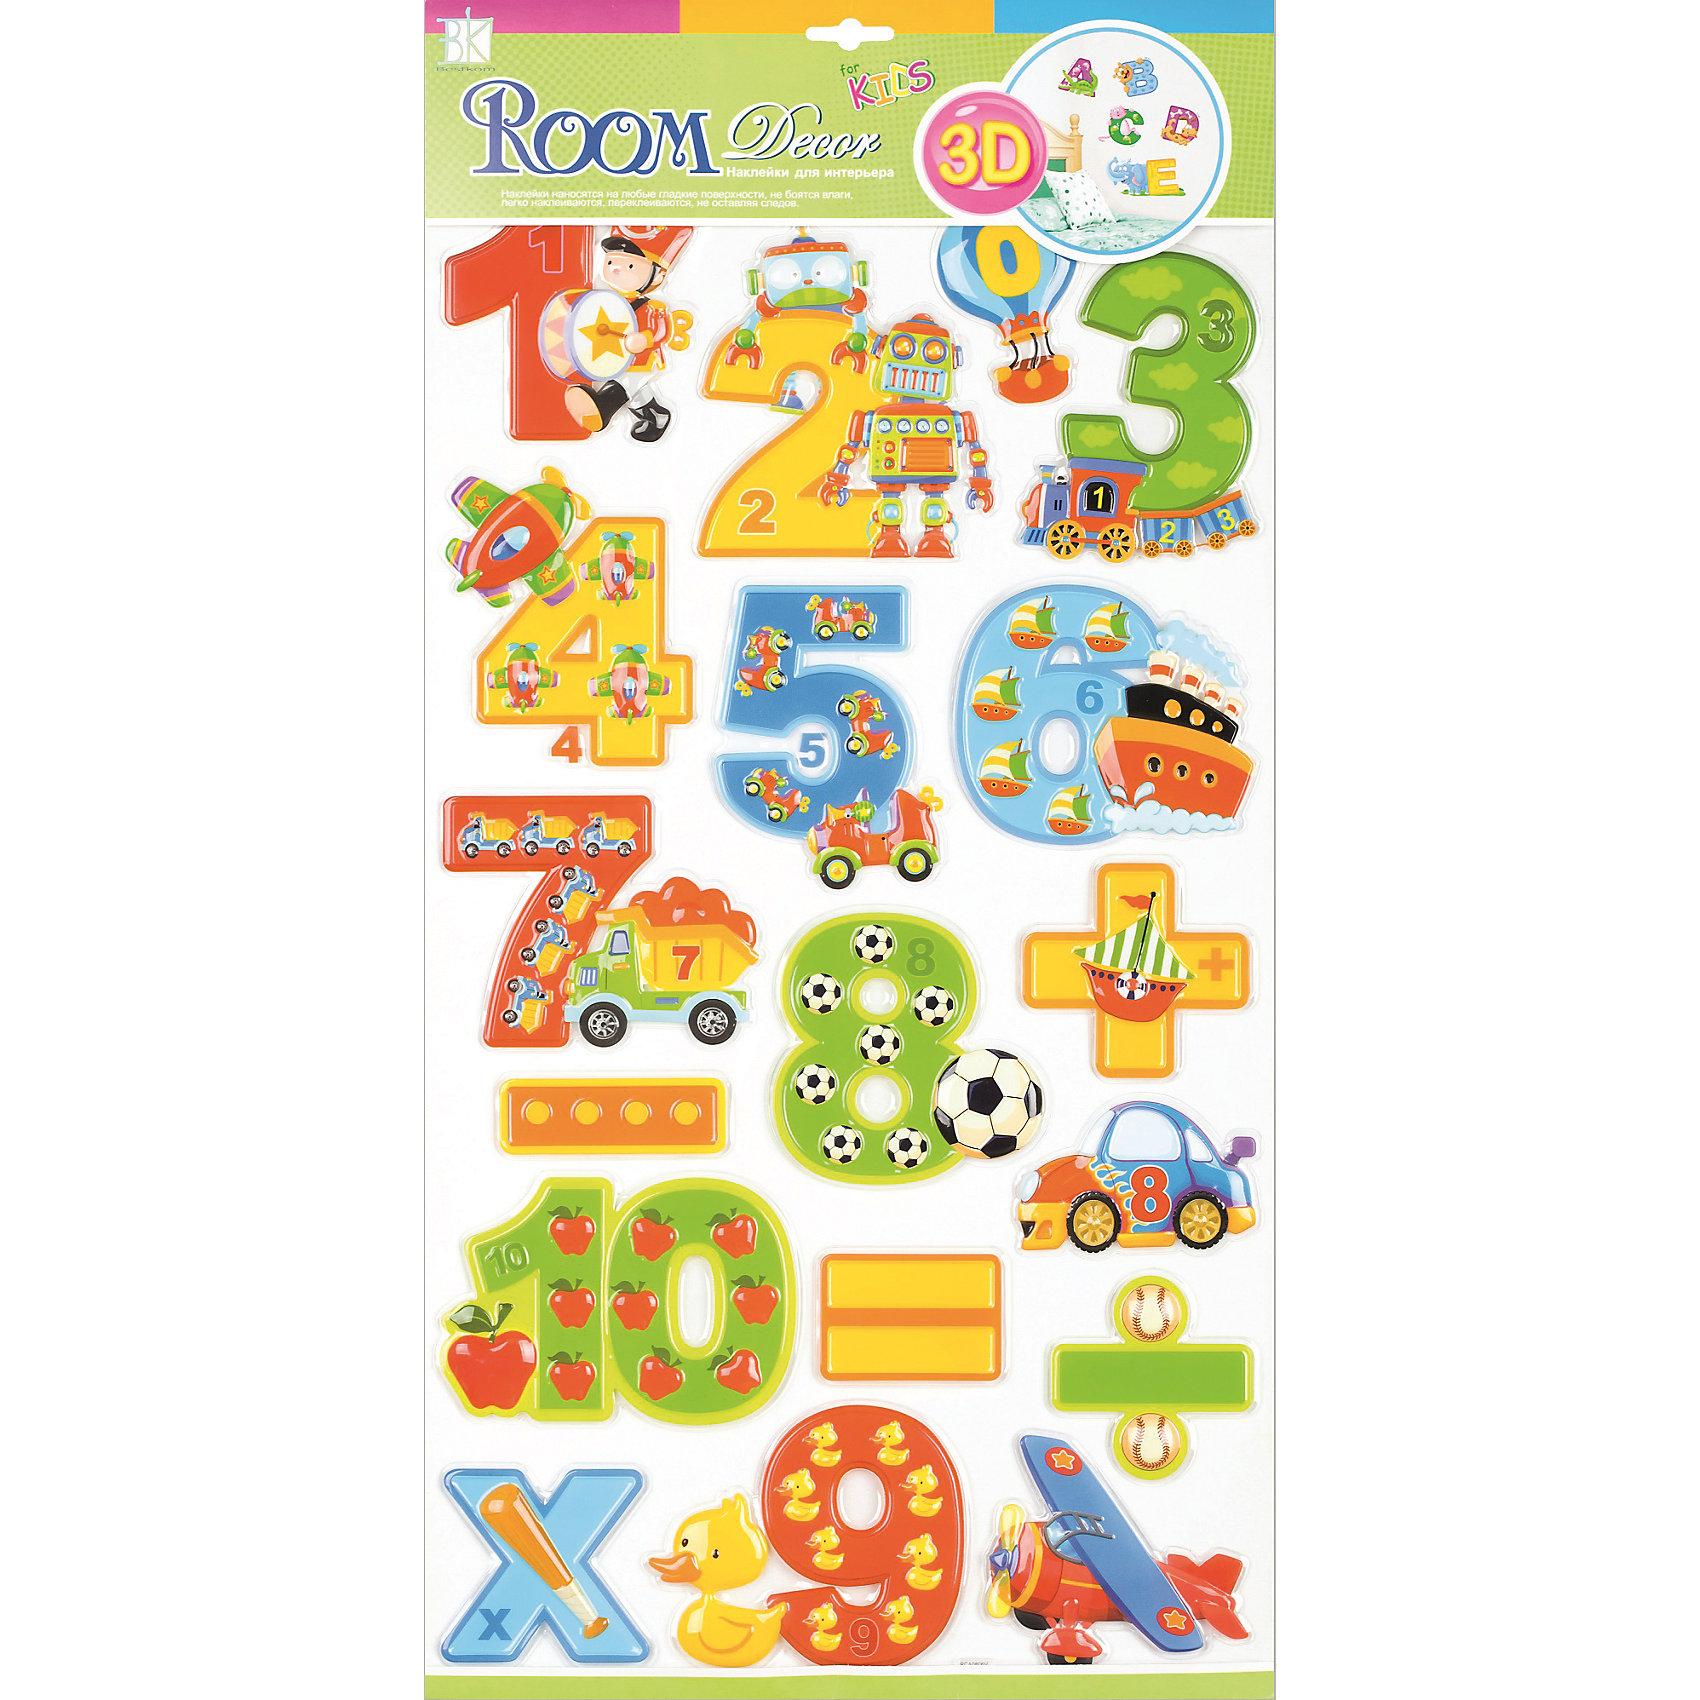 Наклейка Цифры для мальчиков RCA0806, Room DecorПредметы интерьера<br>Характеристики:<br><br>• Предназначение: декор комнаты, создание обучающей зоны в детской комнате<br>• Тематика наклеек: цифры<br>• Материал: картон, ПВХ<br>• Комплектация: 18 элементов<br>• Форма: 3d<br>• Клейкая поверхность крепится на окрашенные стены, обои, двери, деревянные панели, стекло<br>• Не повреждают поверхность<br>• Устойчивы к выцветанию и истиранию<br>• Повышенные влагостойкие свойства<br>• Размеры (Д*Ш*В): 32*7*57 см<br>• Вес: 50 г<br>• Упаковка: блистер<br><br>Все наклейки выполнены из безопасного и нетоксичного материала – ПВХ. Прочная клеевая основа обеспечивает надежное прикрепление практически к любому виду горизонтальной или вертикальной поверхности, при этом не деформируя и не повреждая ее. Наклейки обладают влагоустойчивыми свойствами, поэтому они хорошо переносят влажную уборку. <br><br>Наклейка Цифры для девочек RCA0805, Room Decor состоит из набора, в который входят 18 элементов с изображением цифр и математических знаков. Набор выполнен в объемном формате, что придает всей композиции 3d эффект. Каждая цифра оформлена различными рисунками, соответствующими указанной цифре. <br><br>Наклейку Цифры для девочек RCA0805, Room Decor можно купить в нашем интернет-магазине.<br><br>Ширина мм: 320<br>Глубина мм: 70<br>Высота мм: 570<br>Вес г: 50<br>Возраст от месяцев: 36<br>Возраст до месяцев: 168<br>Пол: Мужской<br>Возраст: Детский<br>SKU: 5513023